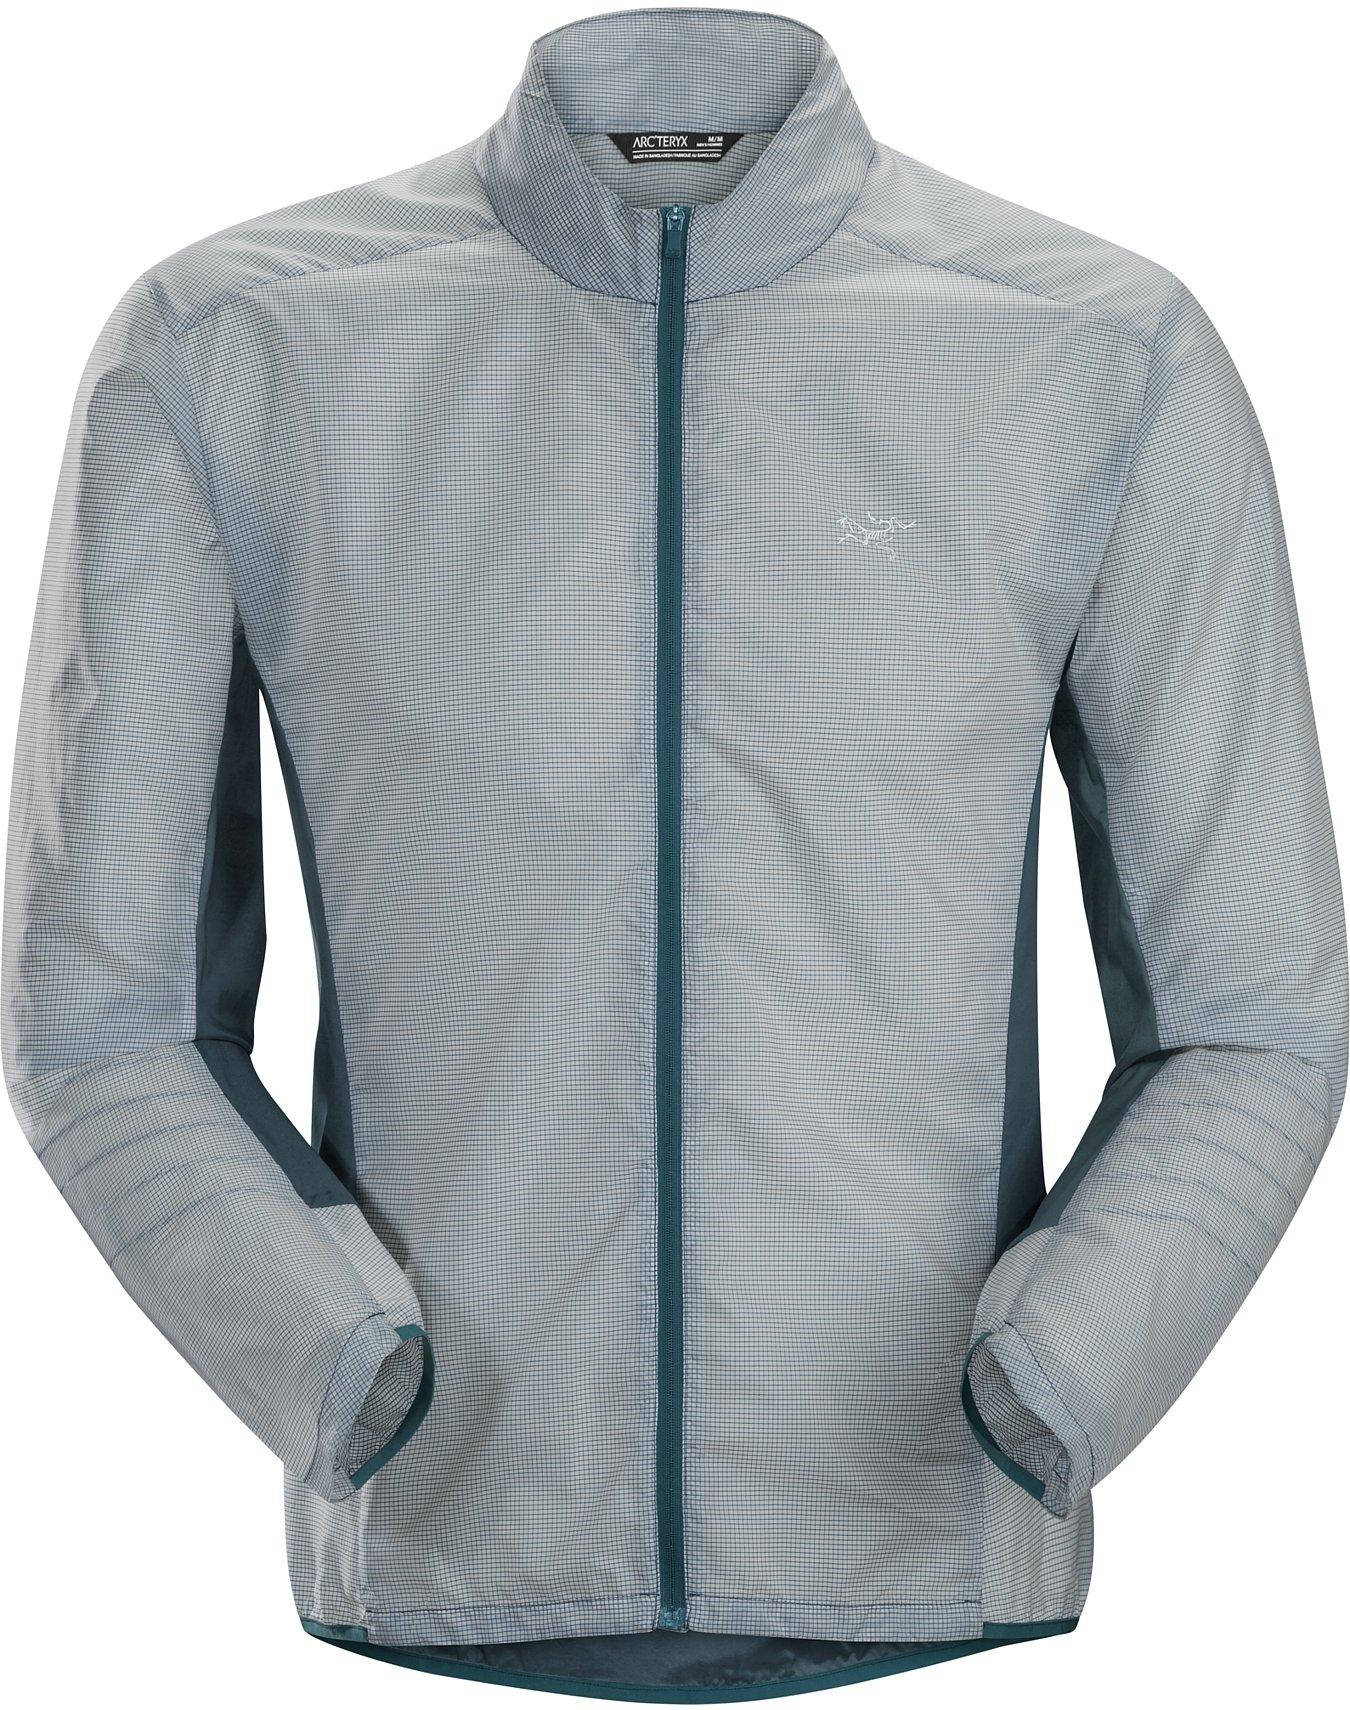 Incendo SL Jacket Homme